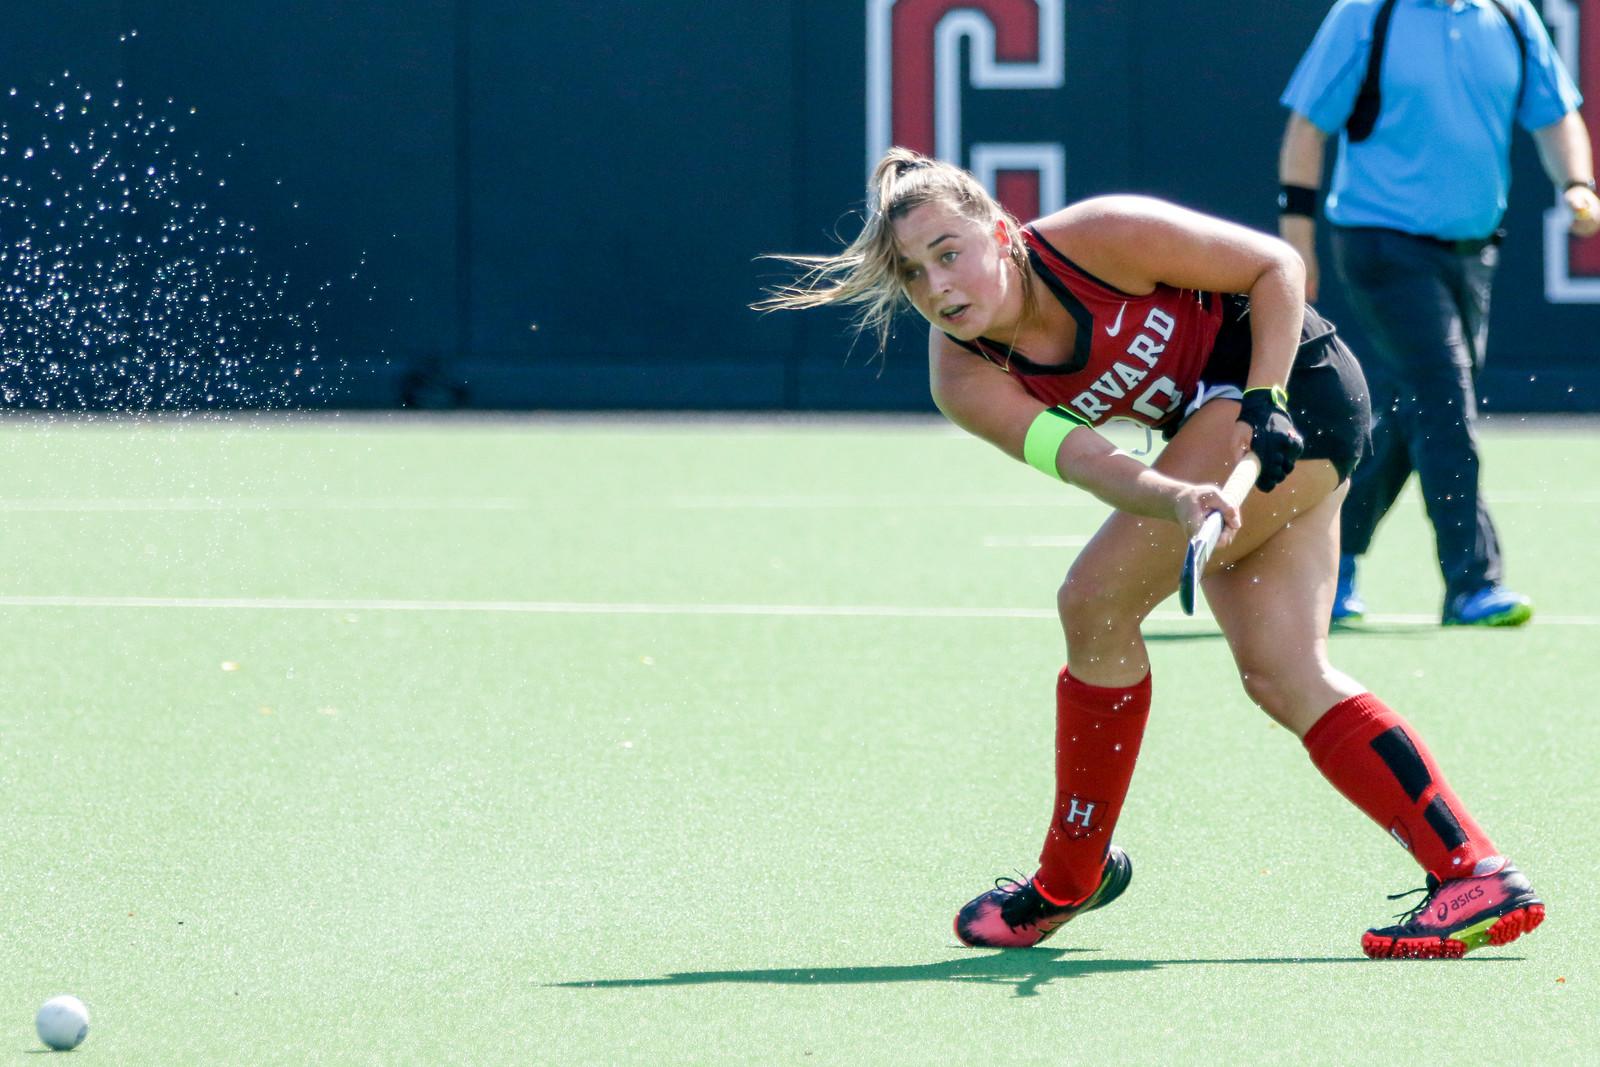 Harvard co-captain Bente van Vlijmen scored twice in the Crimson's 4-1 win over Maine on Sunday.